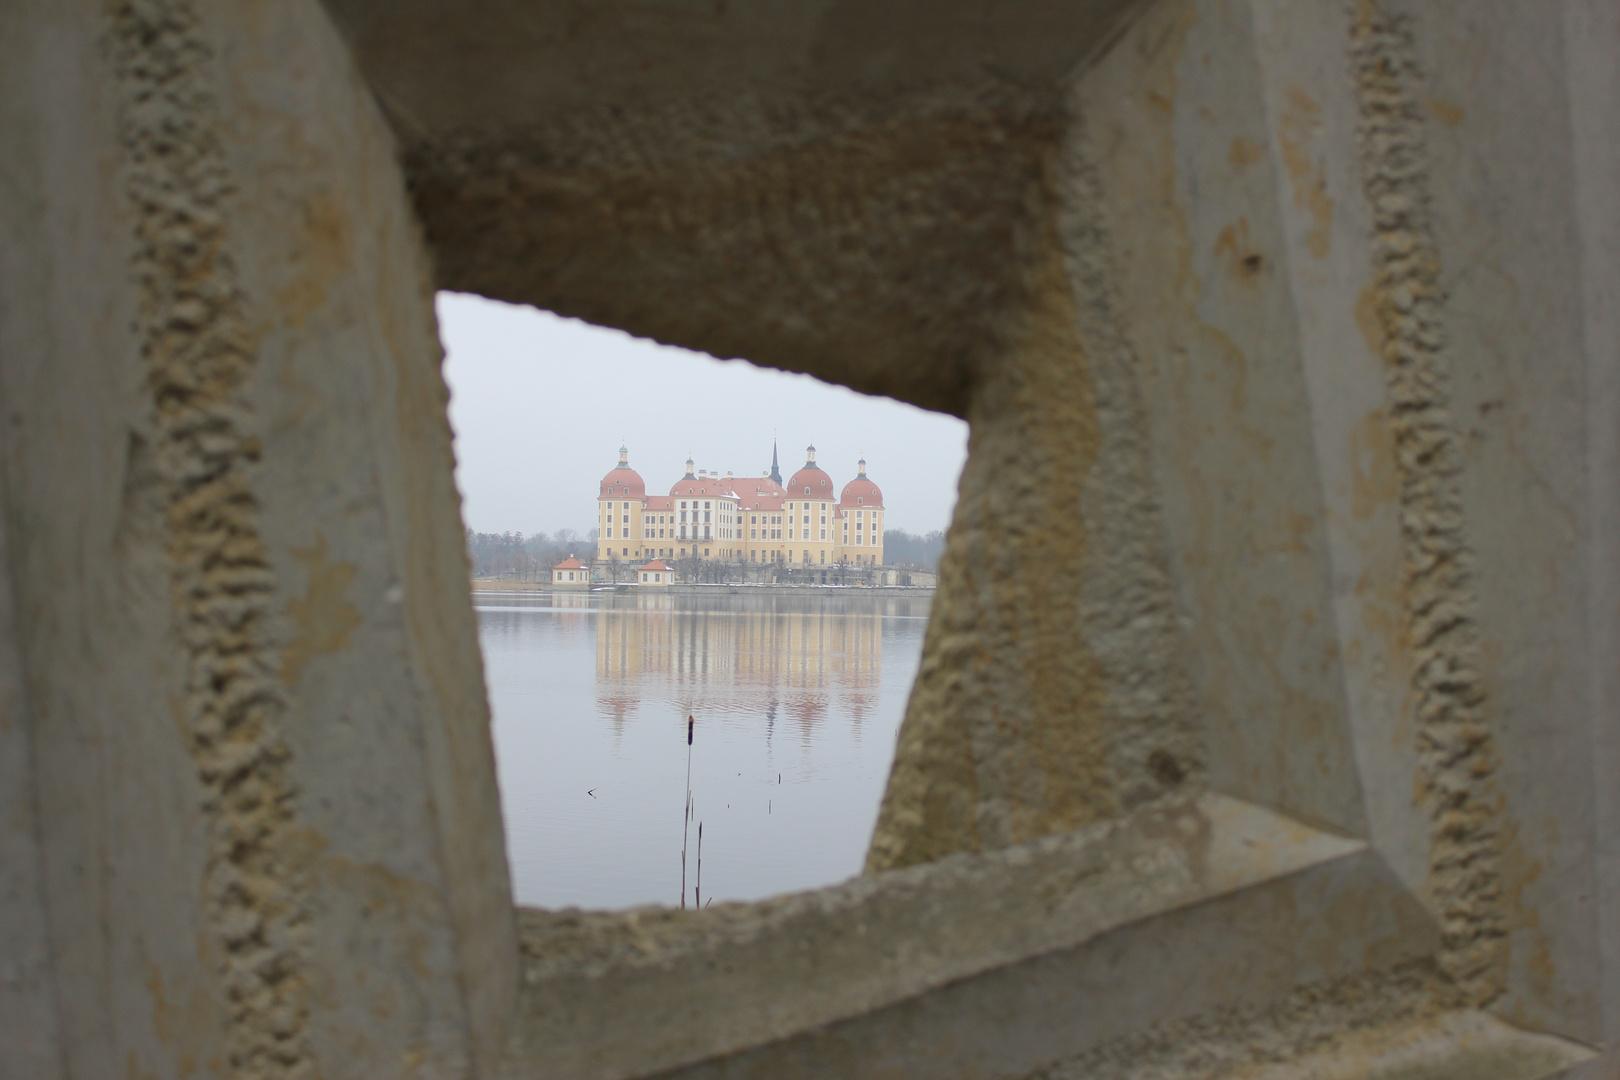 durchs Loch geguckt auf Schloss Moritzburg